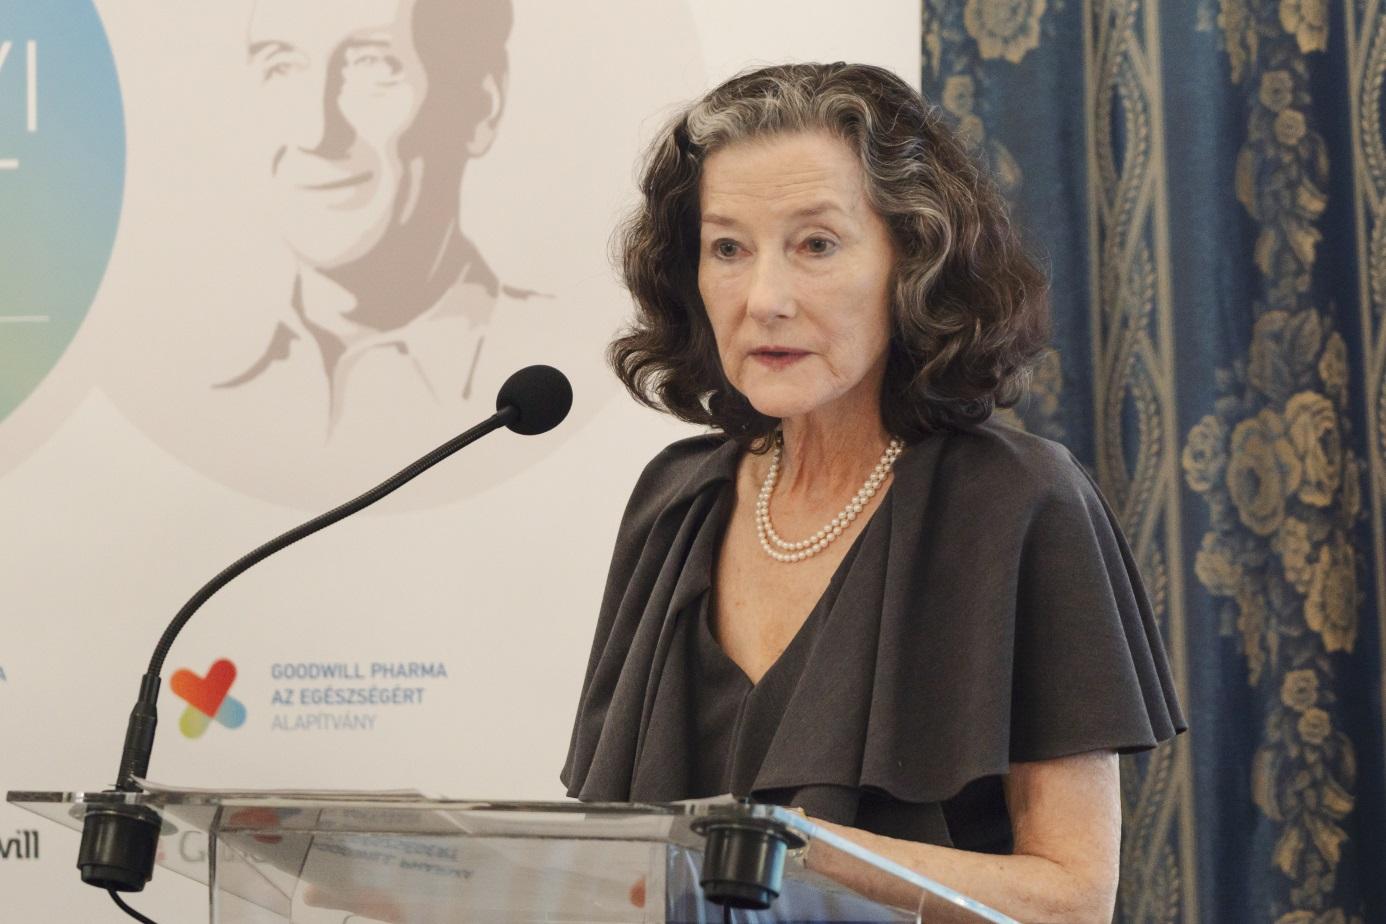 Goodwill Pharma Foundation for Health organises Albert Szent-Györgyi Doctors' Award